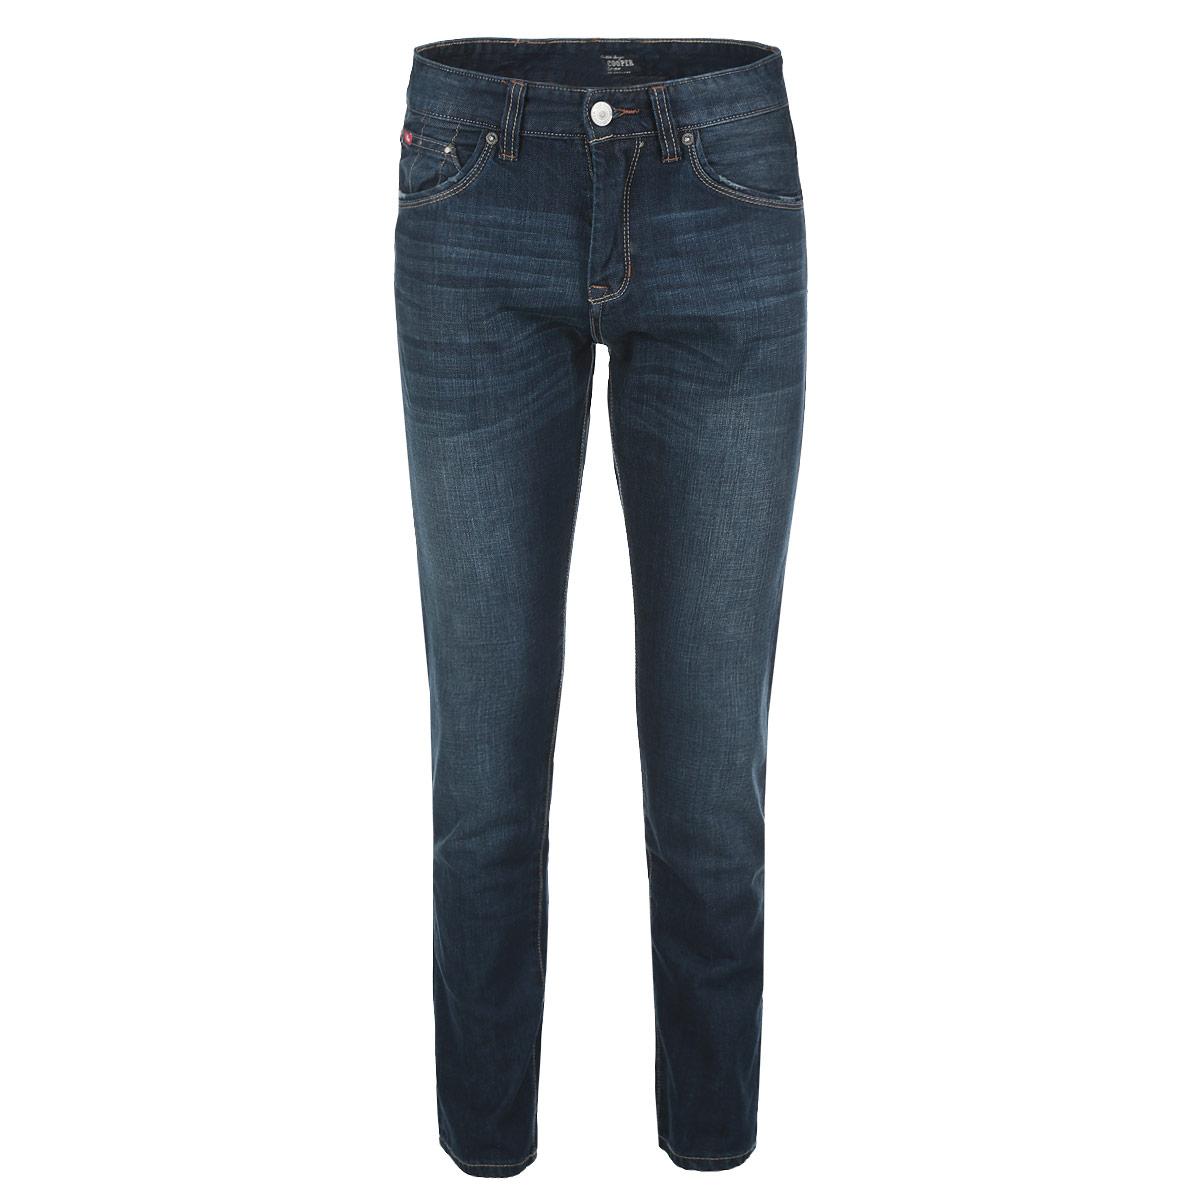 Джинсы мужские. HarryHarry/WornnavyСтильные мужские джинсы Lee Cooper Harry высочайшего качества выполнены из плотного хлопкового материала. Модель слегка зауженного кроя и средней посадки станет отличным дополнением к вашему современному образу. Джинсы застегиваются на металлическую пуговицу в поясе и ширинку на застежке-молнии, также имеются шлевки для ремня. Спереди модель дополнена двумя втачными карманами и двумя небольшими секретными кармашками, а сзади - двумя накладными карманами. Джинсы оформлены легким эффектом потертости, перманентными складками, металлическими клепками и прострочкой. Эти модные и в тоже время комфортные джинсы послужат отличным дополнением к вашему гардеробу. В них вы всегда будете чувствовать себя уютно и комфортно.